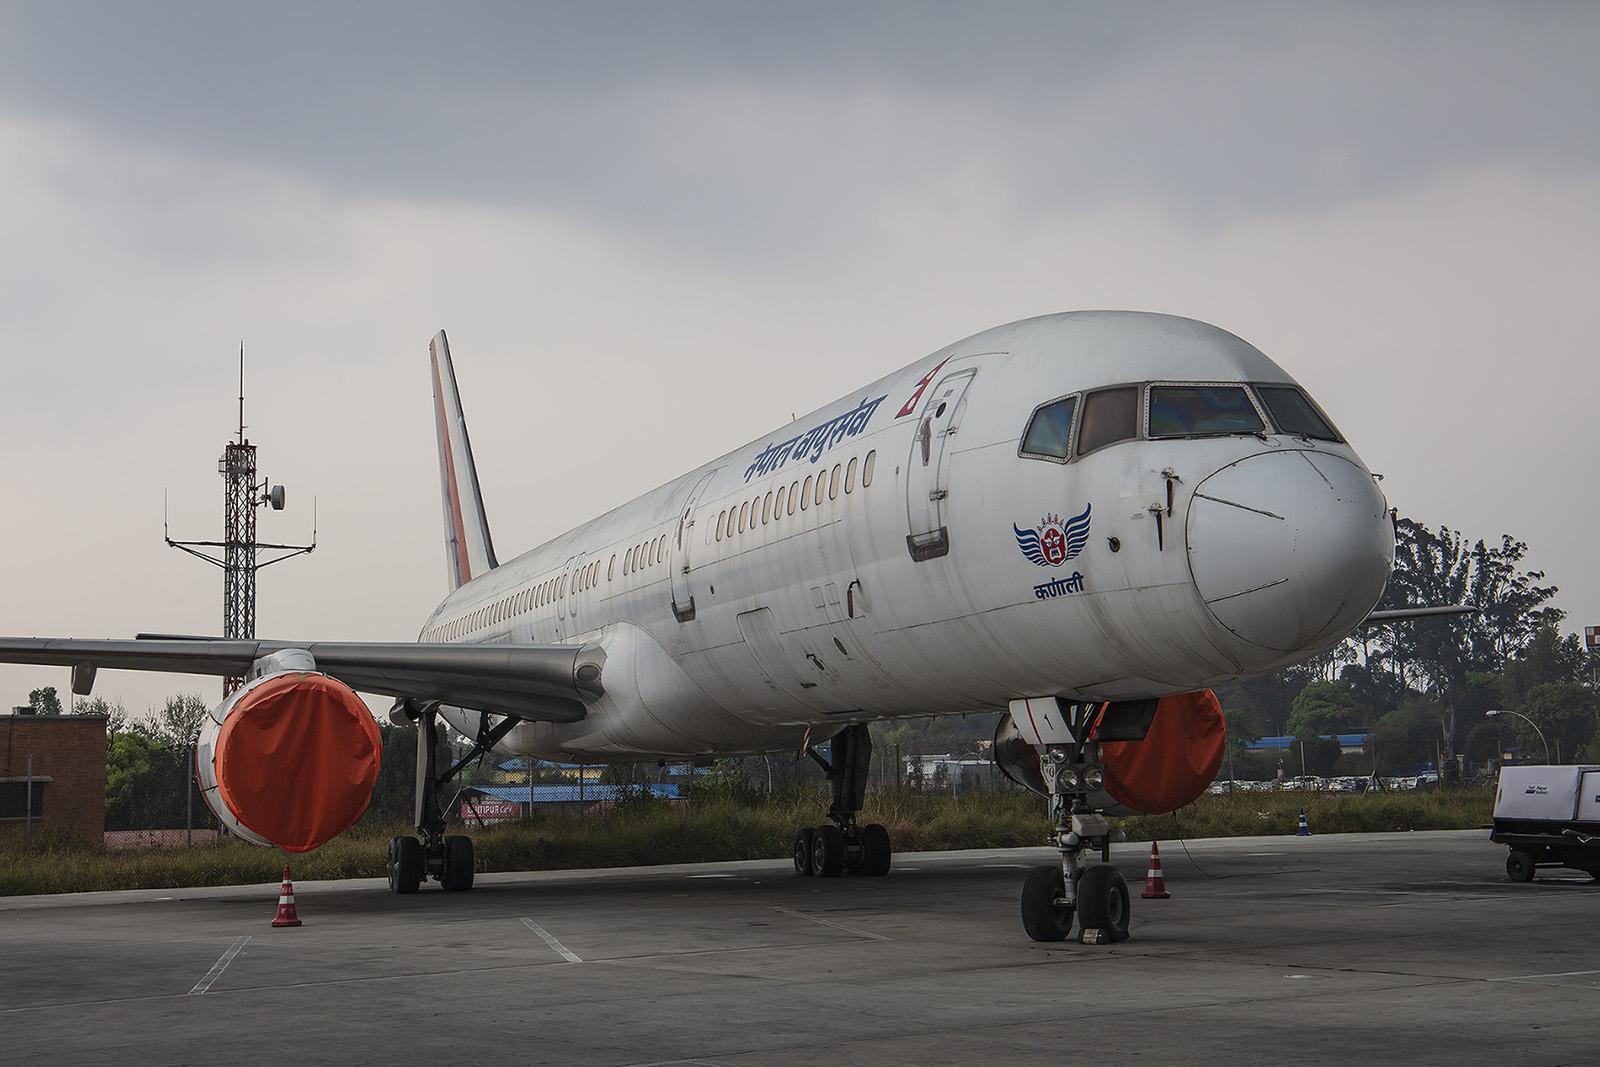 Eine der beiden Boeing 757 der Nepal Airlines. Früher flog sie auch mal nach MUC.